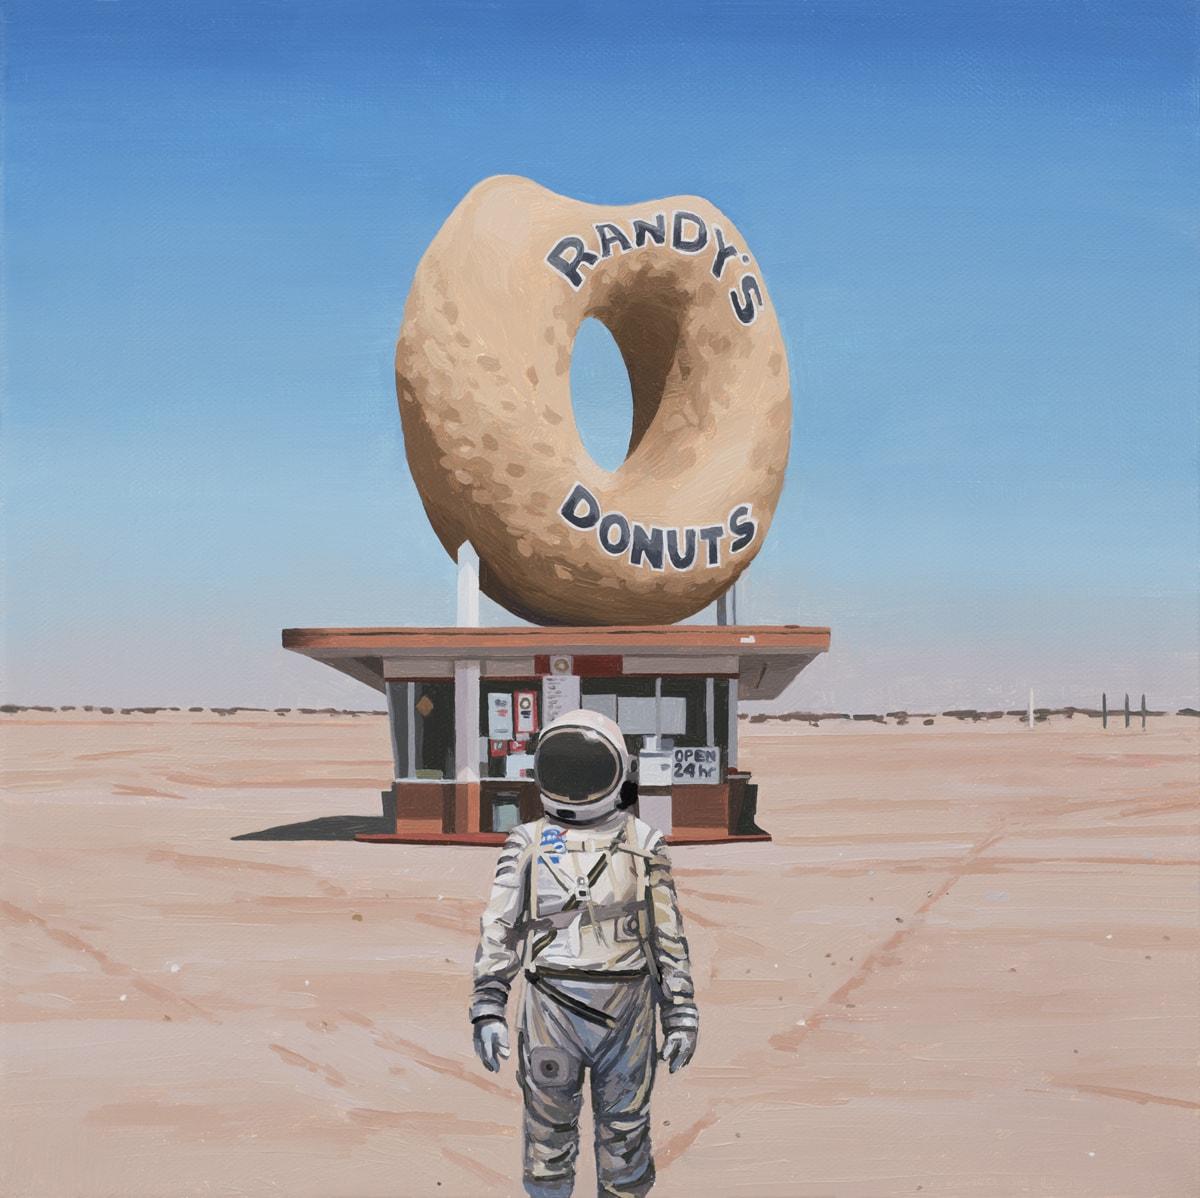 Randy's Donuts ©   Scott Listfield